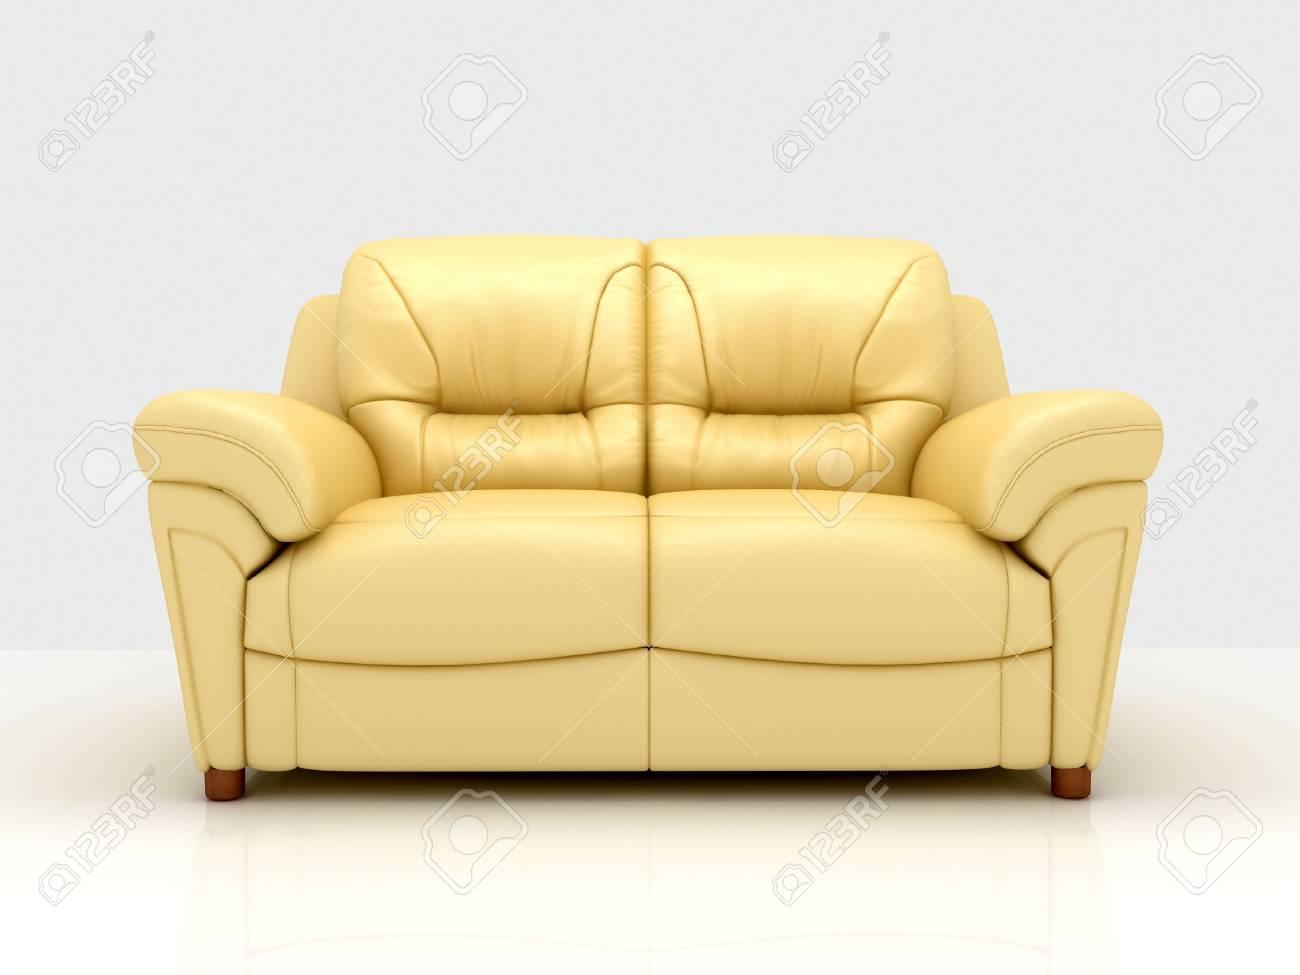 Modern sofa on White Background Stock Photo - 5716250